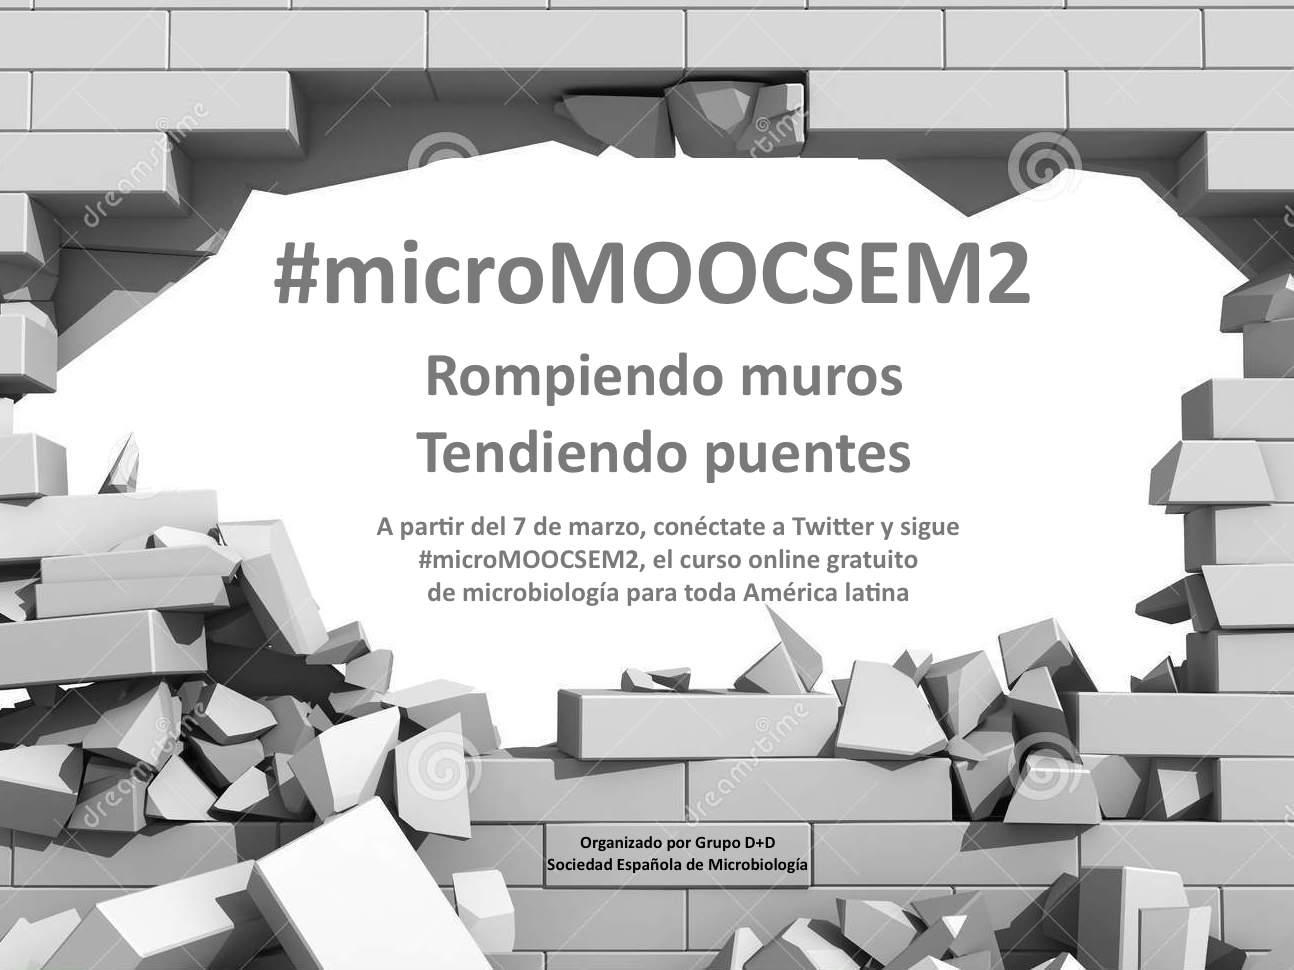 ¡Saludos desde Ciudad de México! #microMOOCSEM2 Recuerda un tuit por minuto durante unos 40 minutos. ¡RT y comparte! https://t.co/dQj08IiGW1